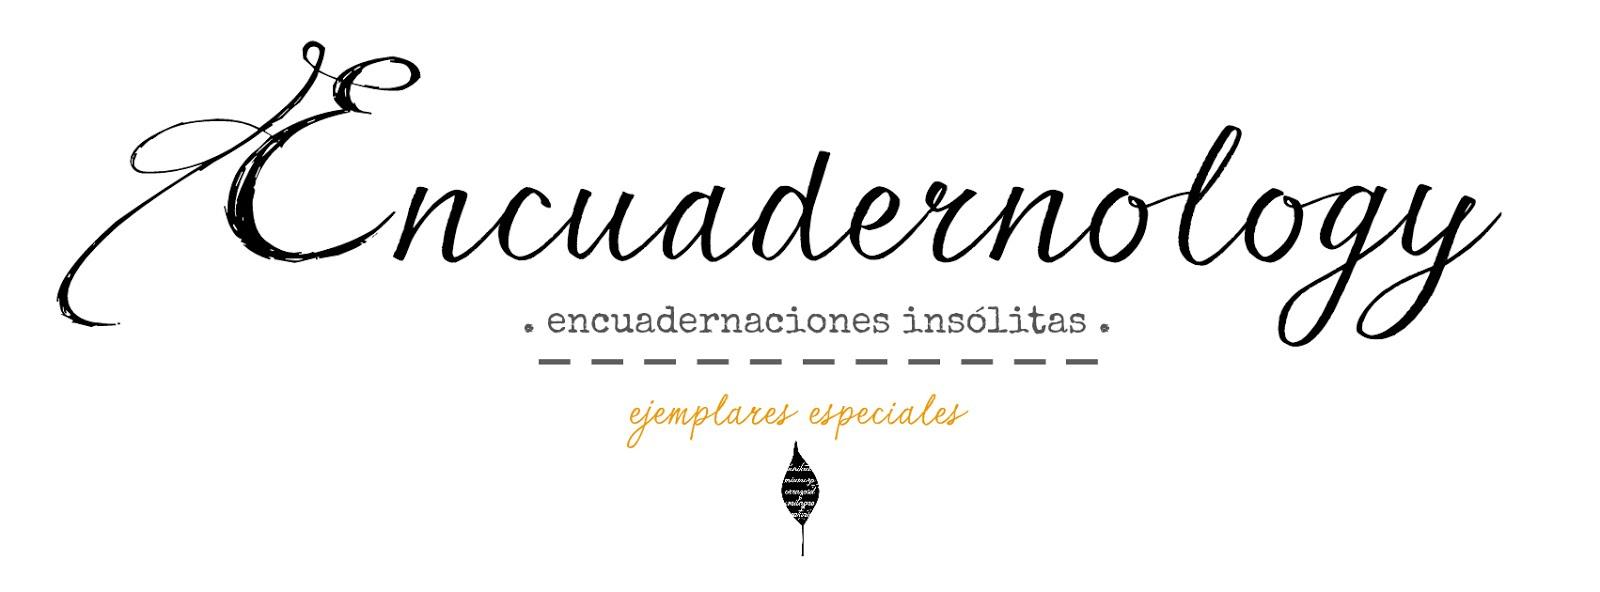 Encuadernology